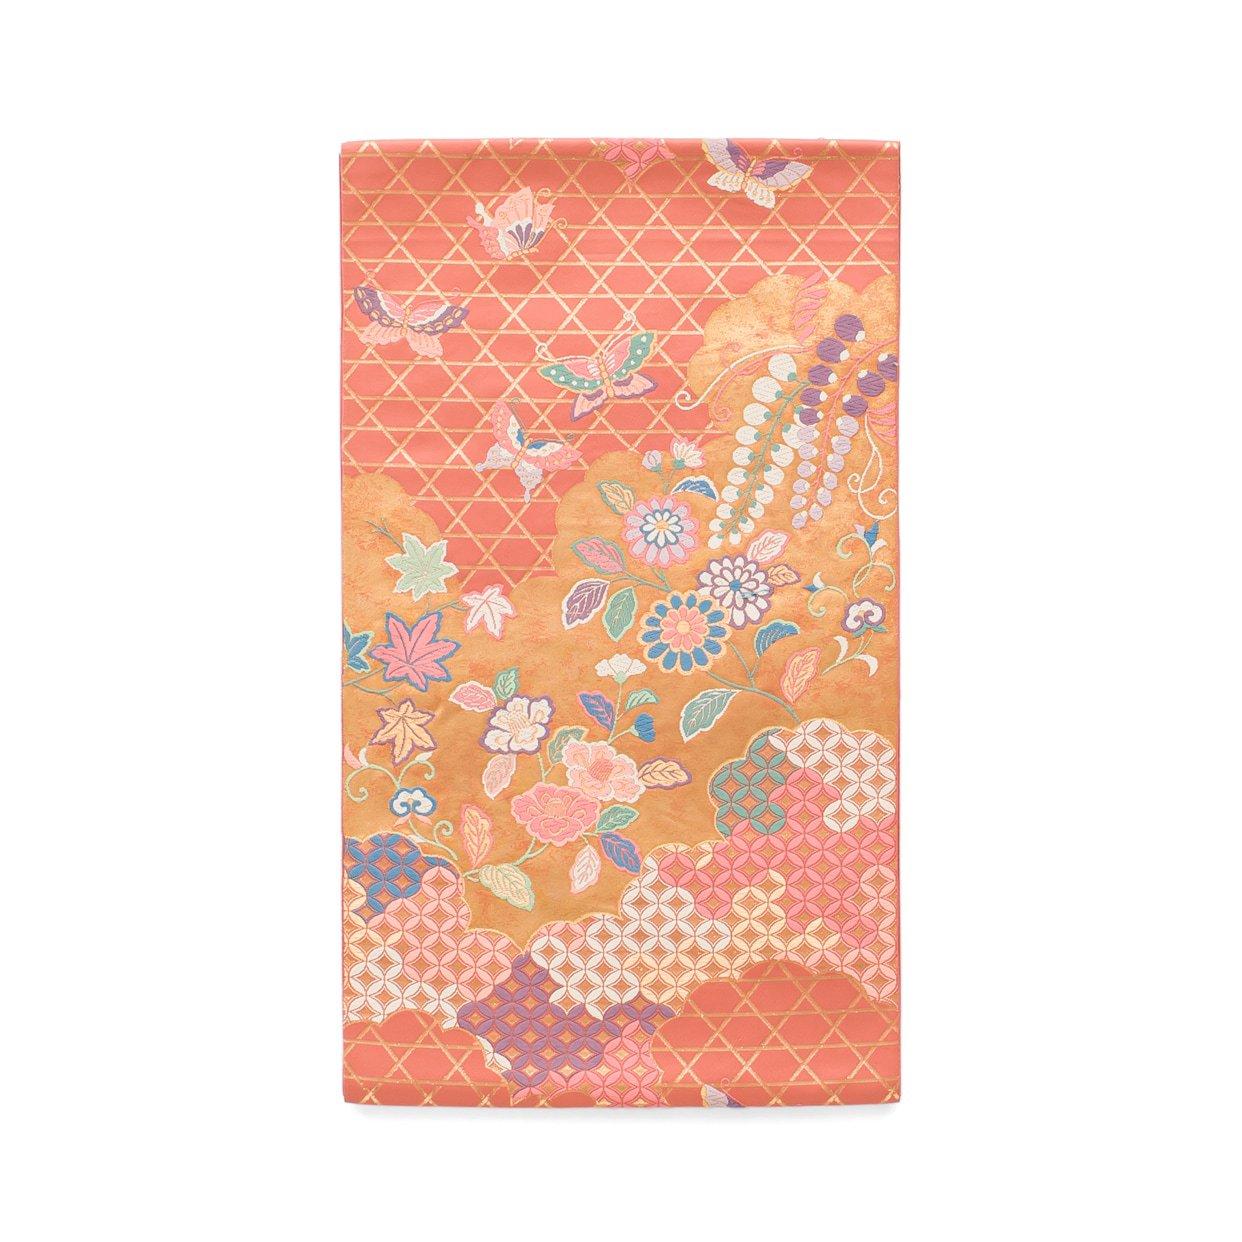 「袋帯●花に蝶」の商品画像